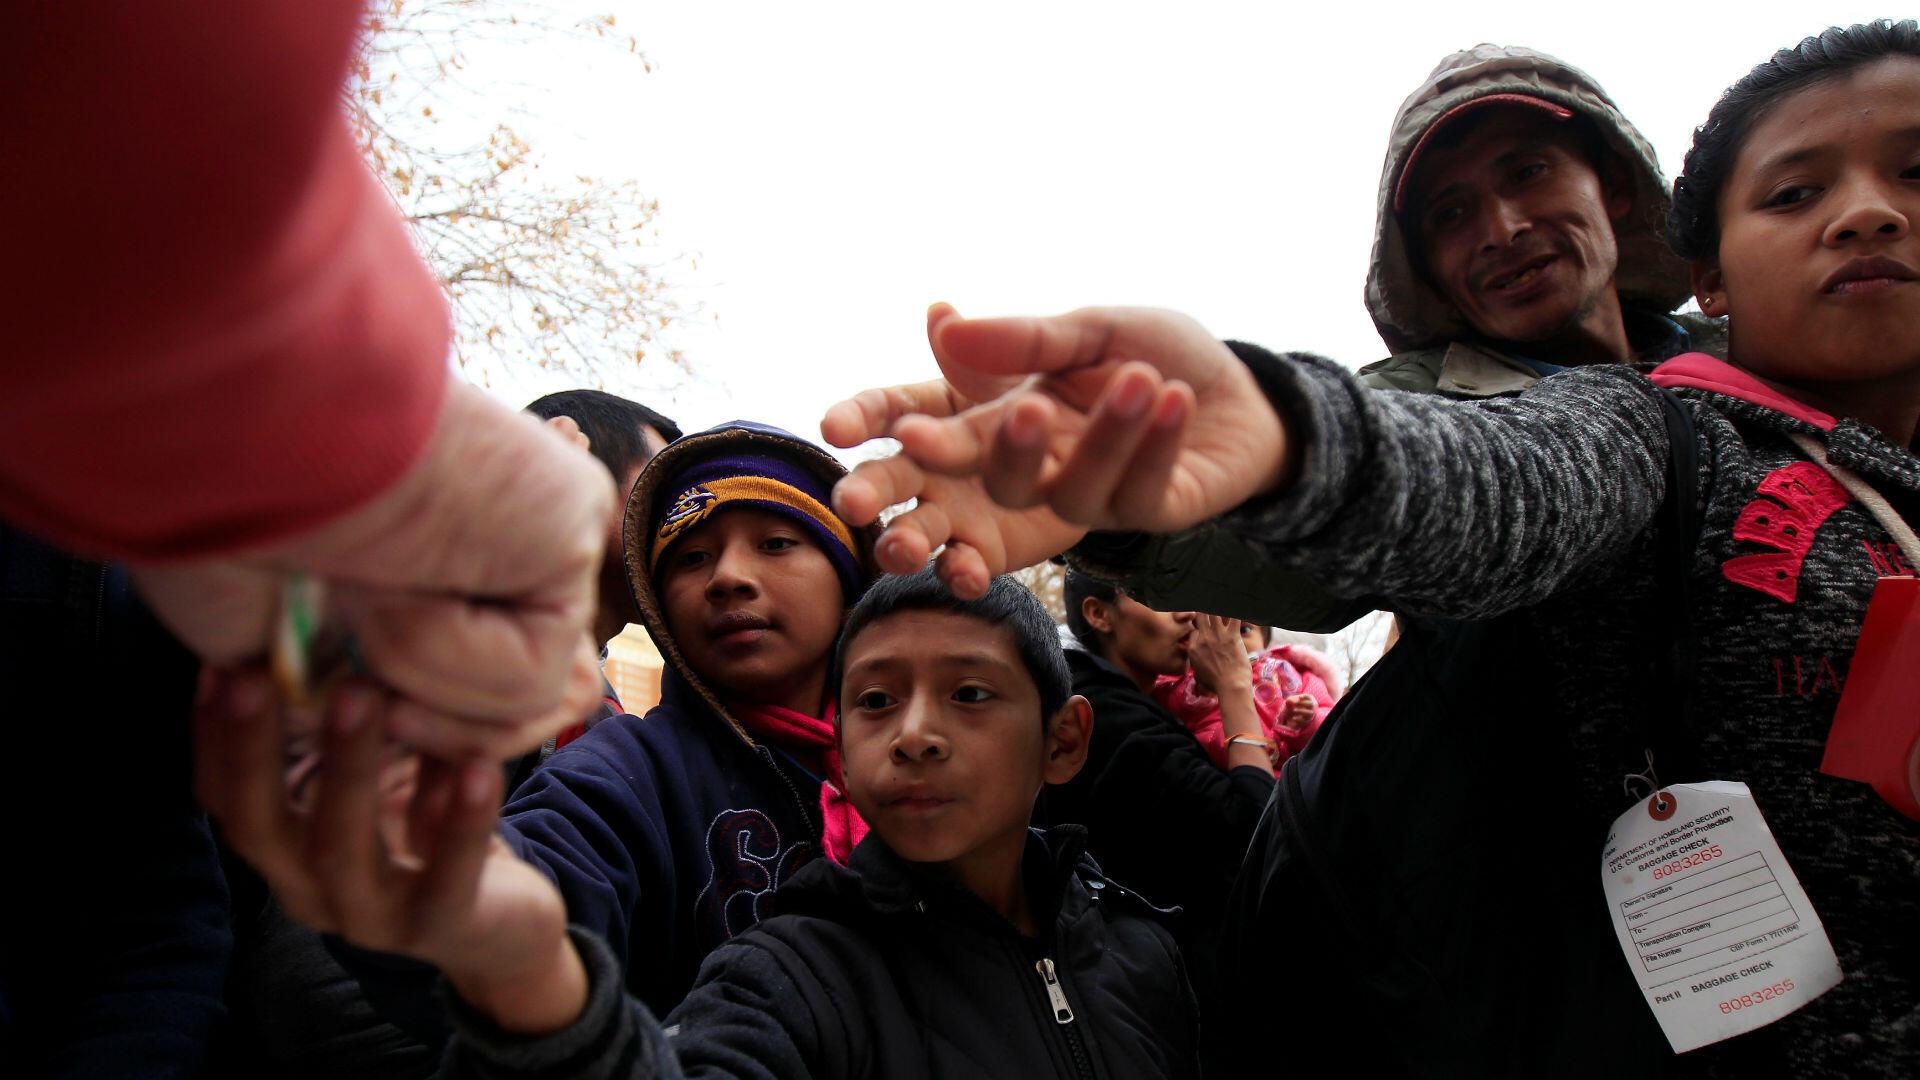 En El Paso, Texas, decenas de migrantes reciben ayudas mientras aguardan en los refugios a la espera de respuesta sobre las solicitudes de asilo. 25 de diciembre de 2018.